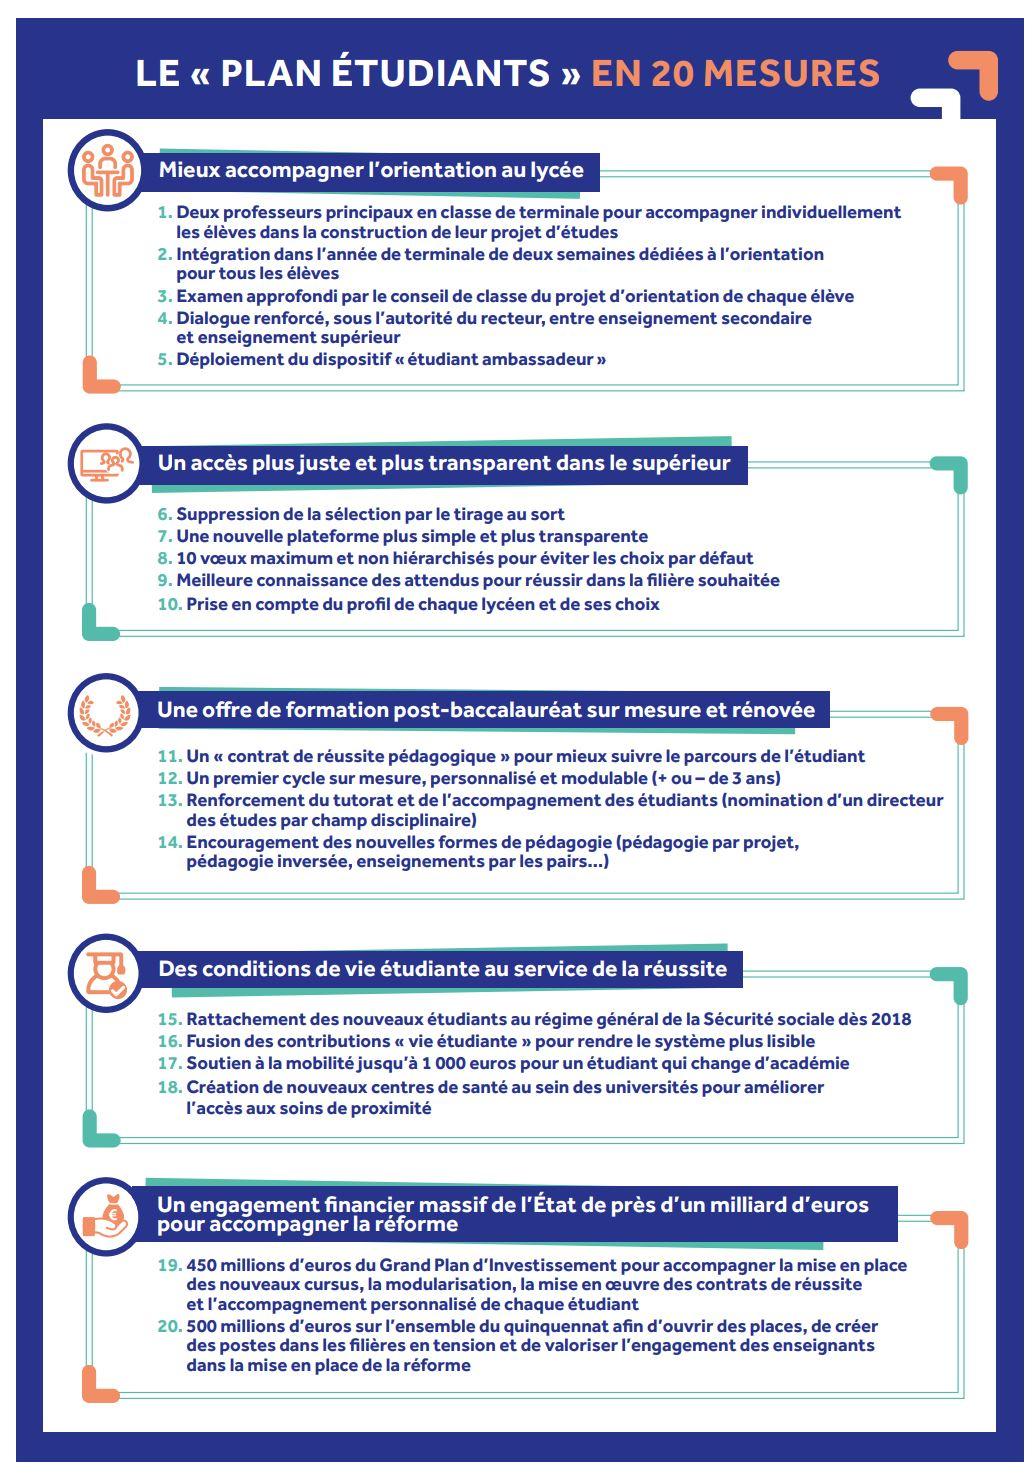 �� Le #PlanEtudiants en 20 mesures �� ✔️Objectif : Accompagner chacun vers la réussite https://t.co/6JXyw8qWC0